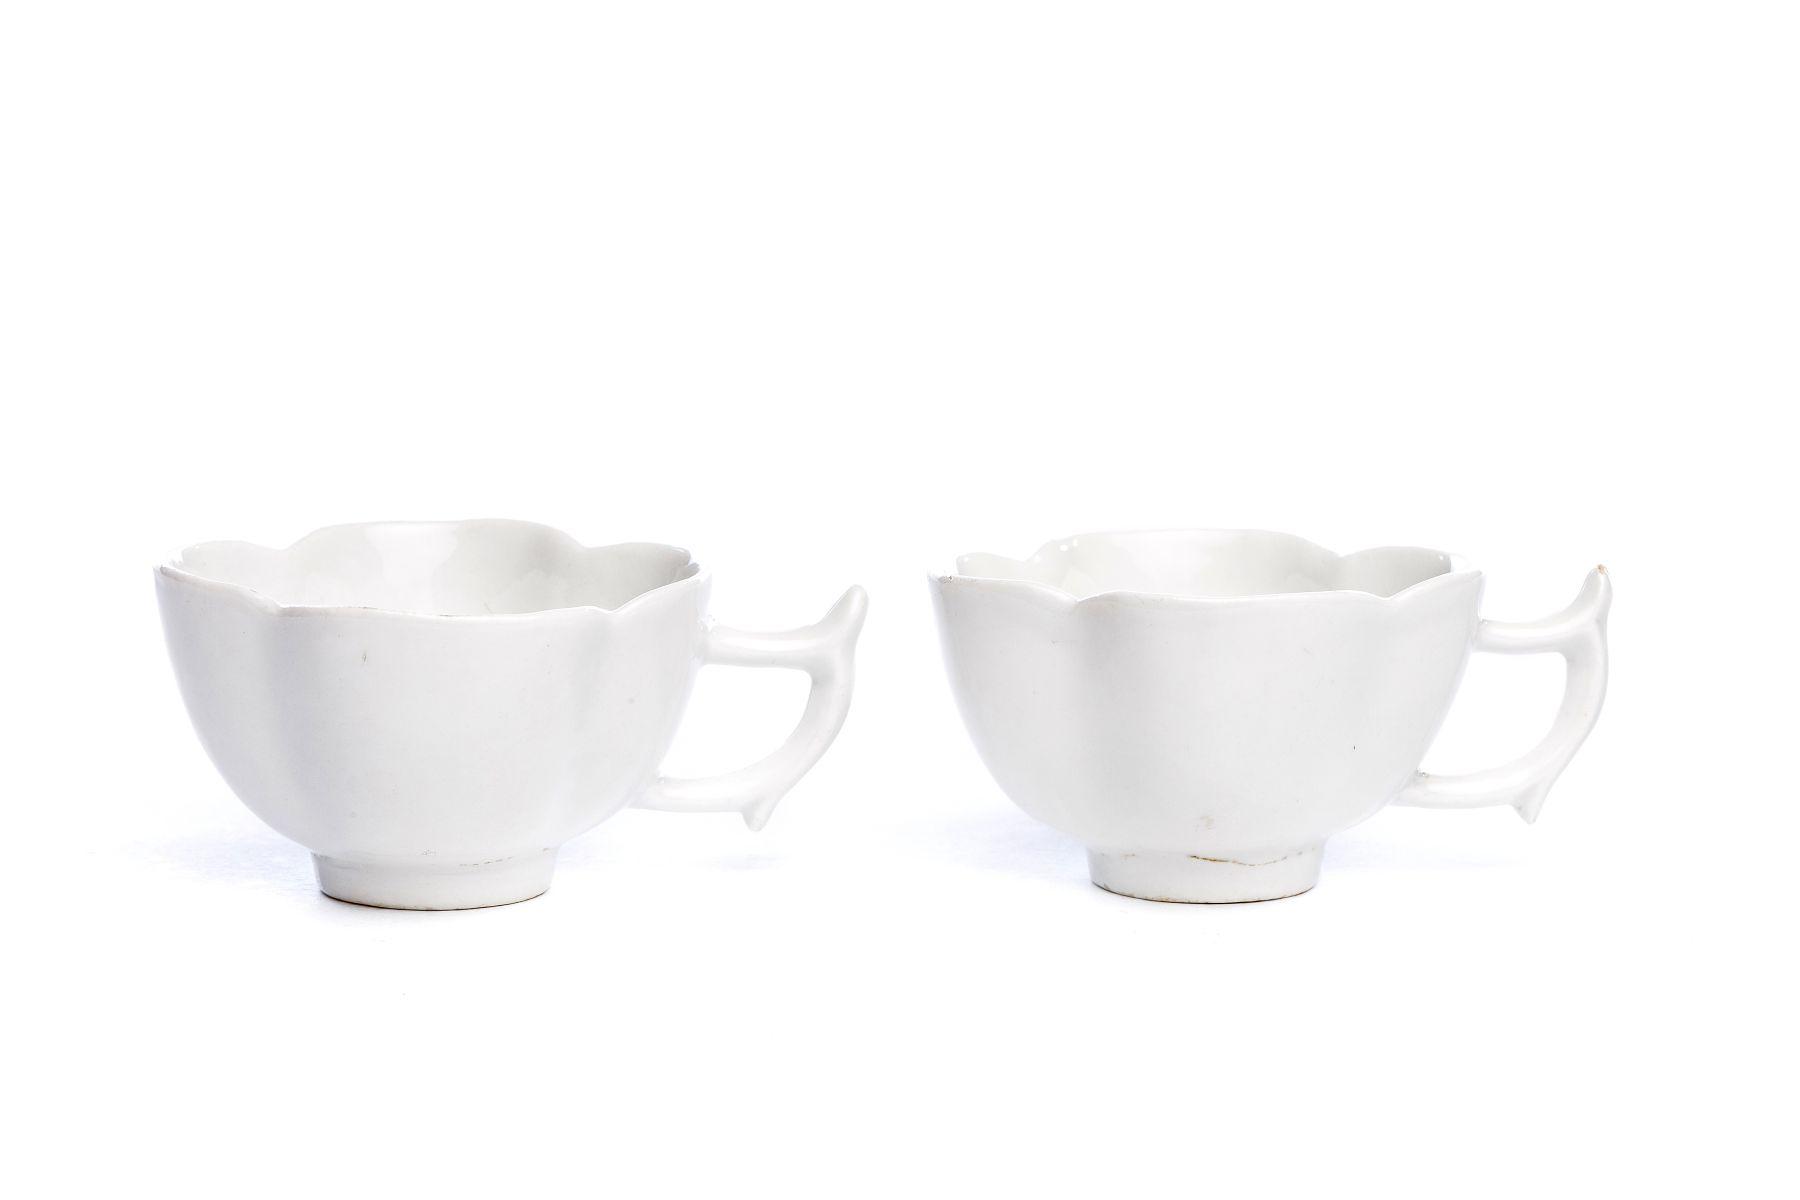 #22 Two small cups, white Böttger porcelain, Meissen 1715 | Zwei kleine Tassen, weißes Böttgerporzellan, Meissen 1715, Image